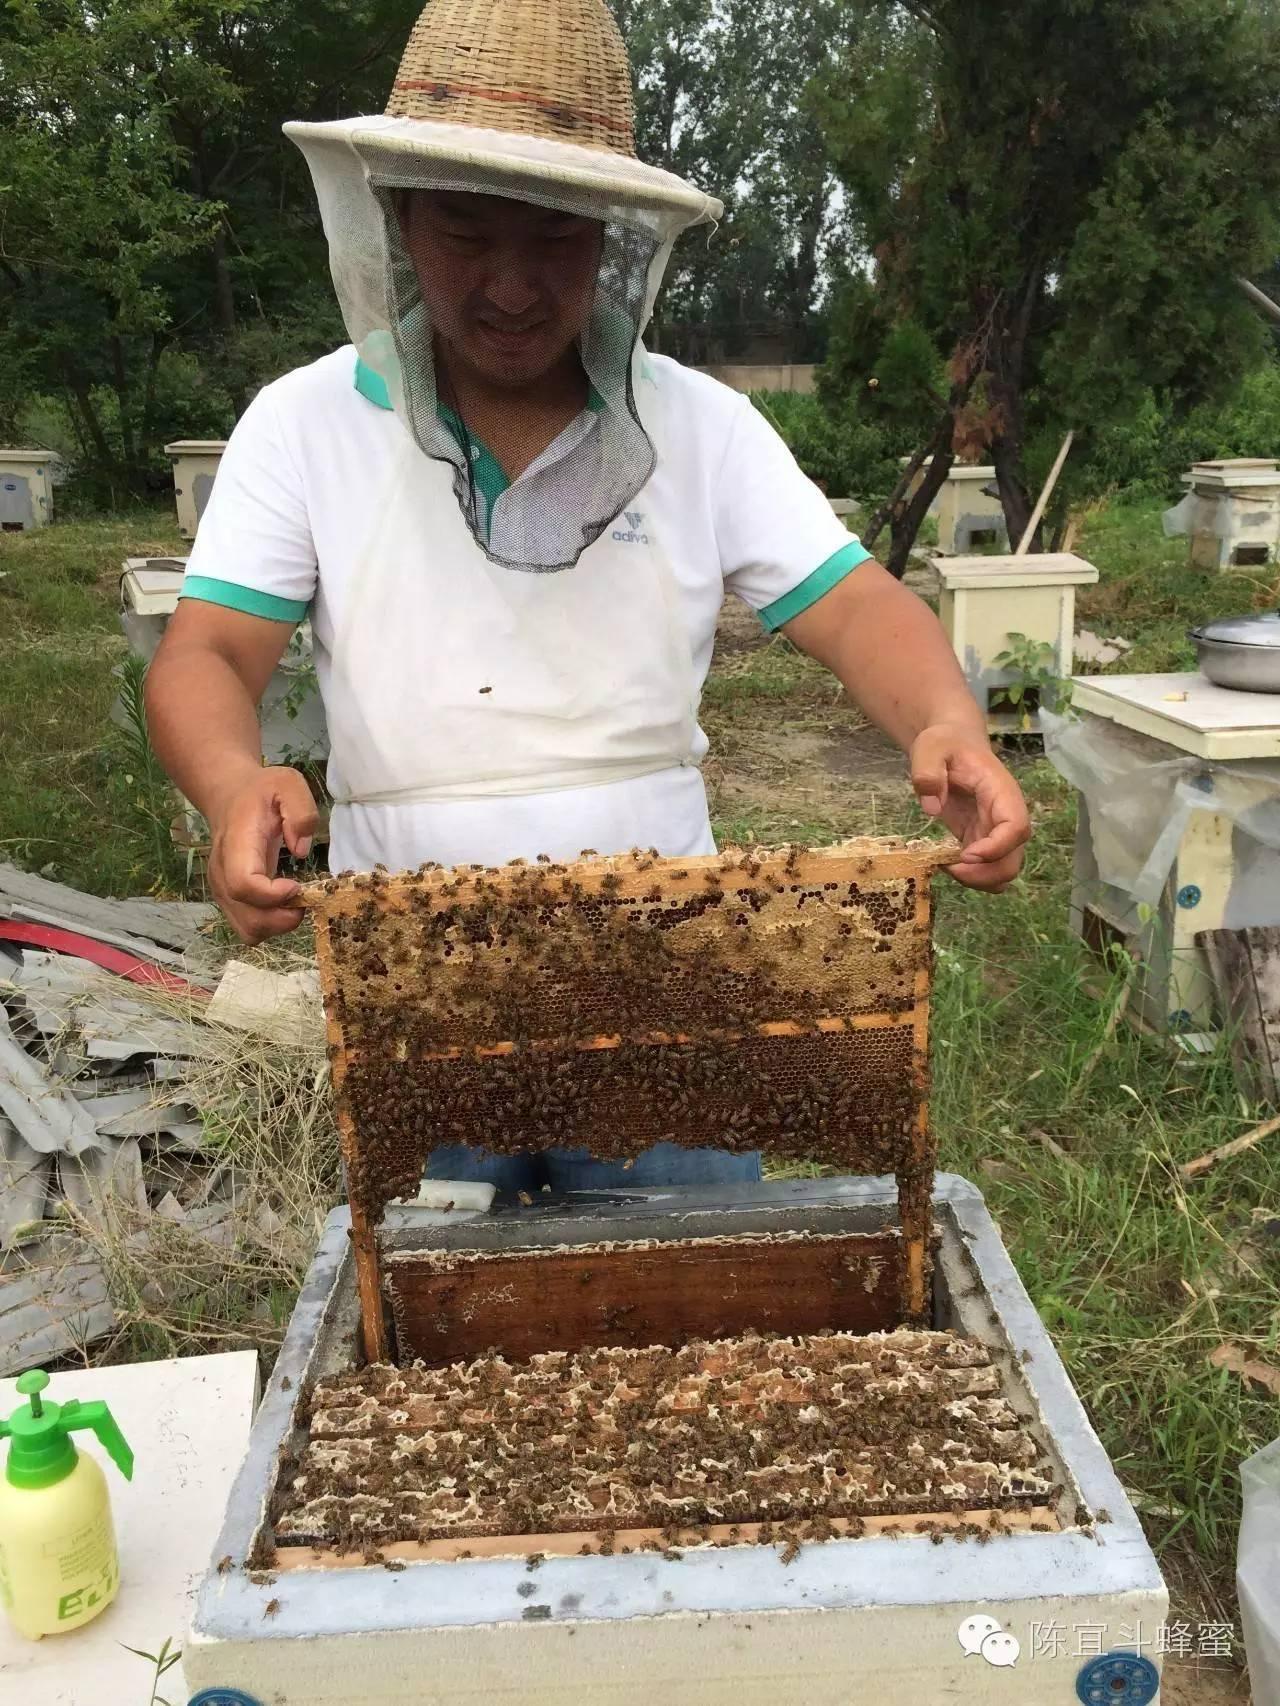 蜂胶的吃法 蜂蜜加醋的作用 哪家蜂蜜好 山楂蜂蜜水 吃蜂蜜的好处